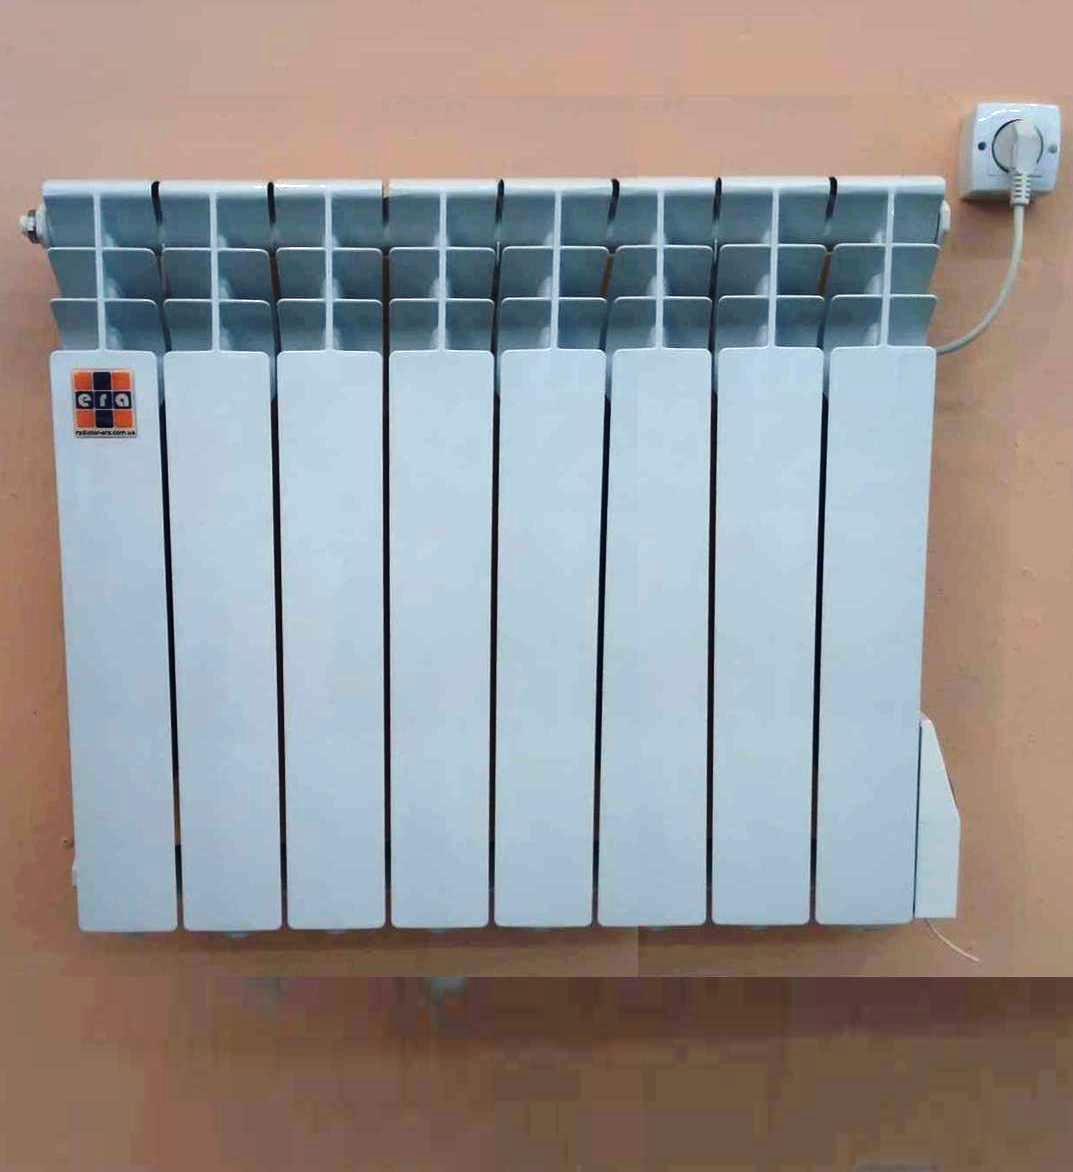 Экономный электрорадиатор на 8 алюмитиевых секций мощностью до 1 КВт